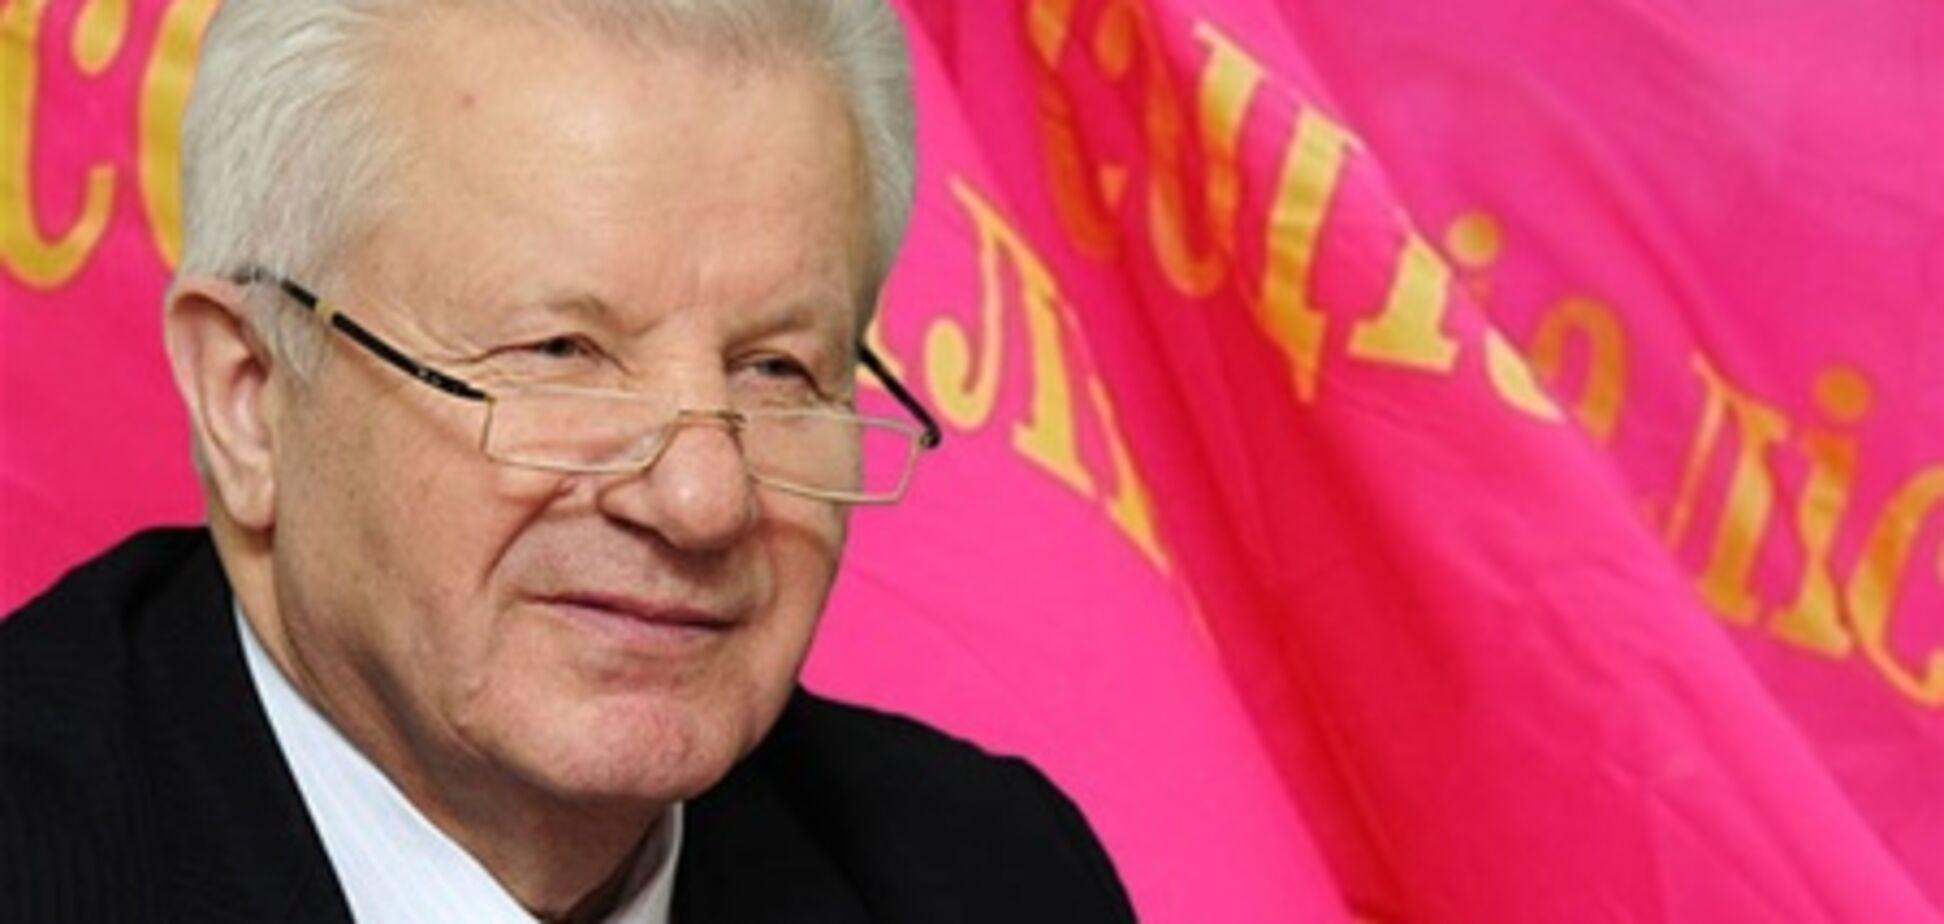 Экс-глава Соцпартии отказался делать прогнозы о новом лидере